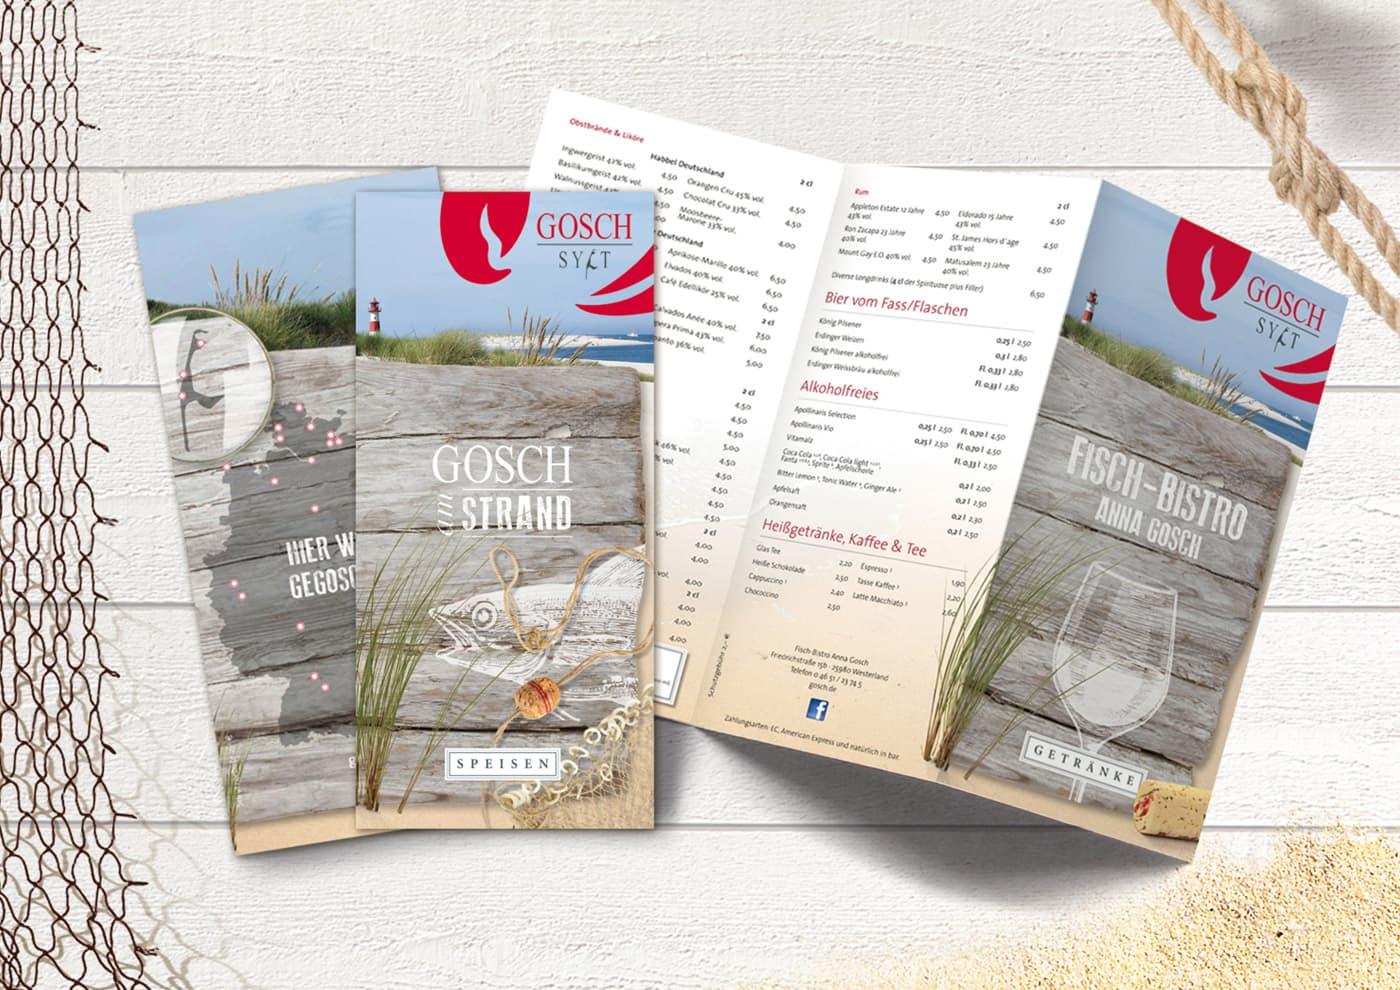 """CD-Entwicklung und Markenführung für """"GOSCH Sylt"""": Konsequent durchgängiges Design für Speise- und Getränke-Karten"""